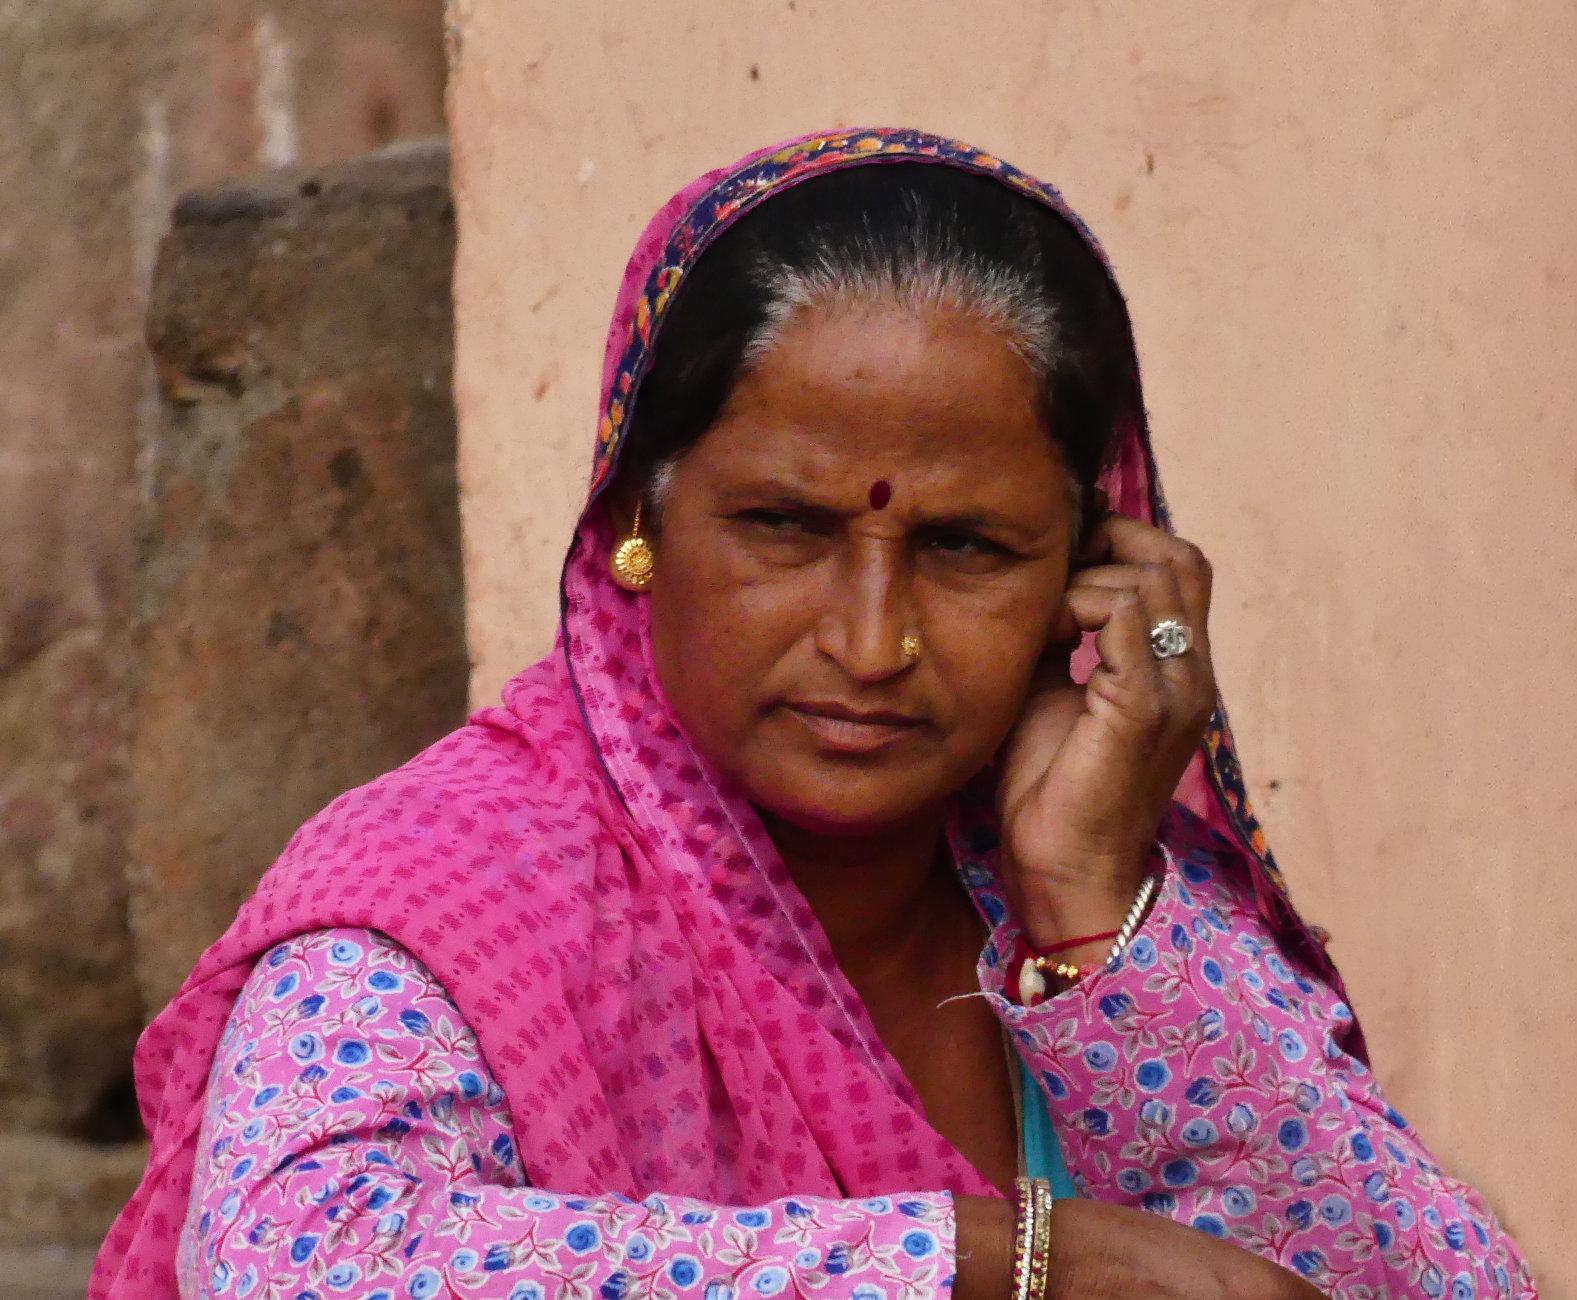 Indian Street Beggar